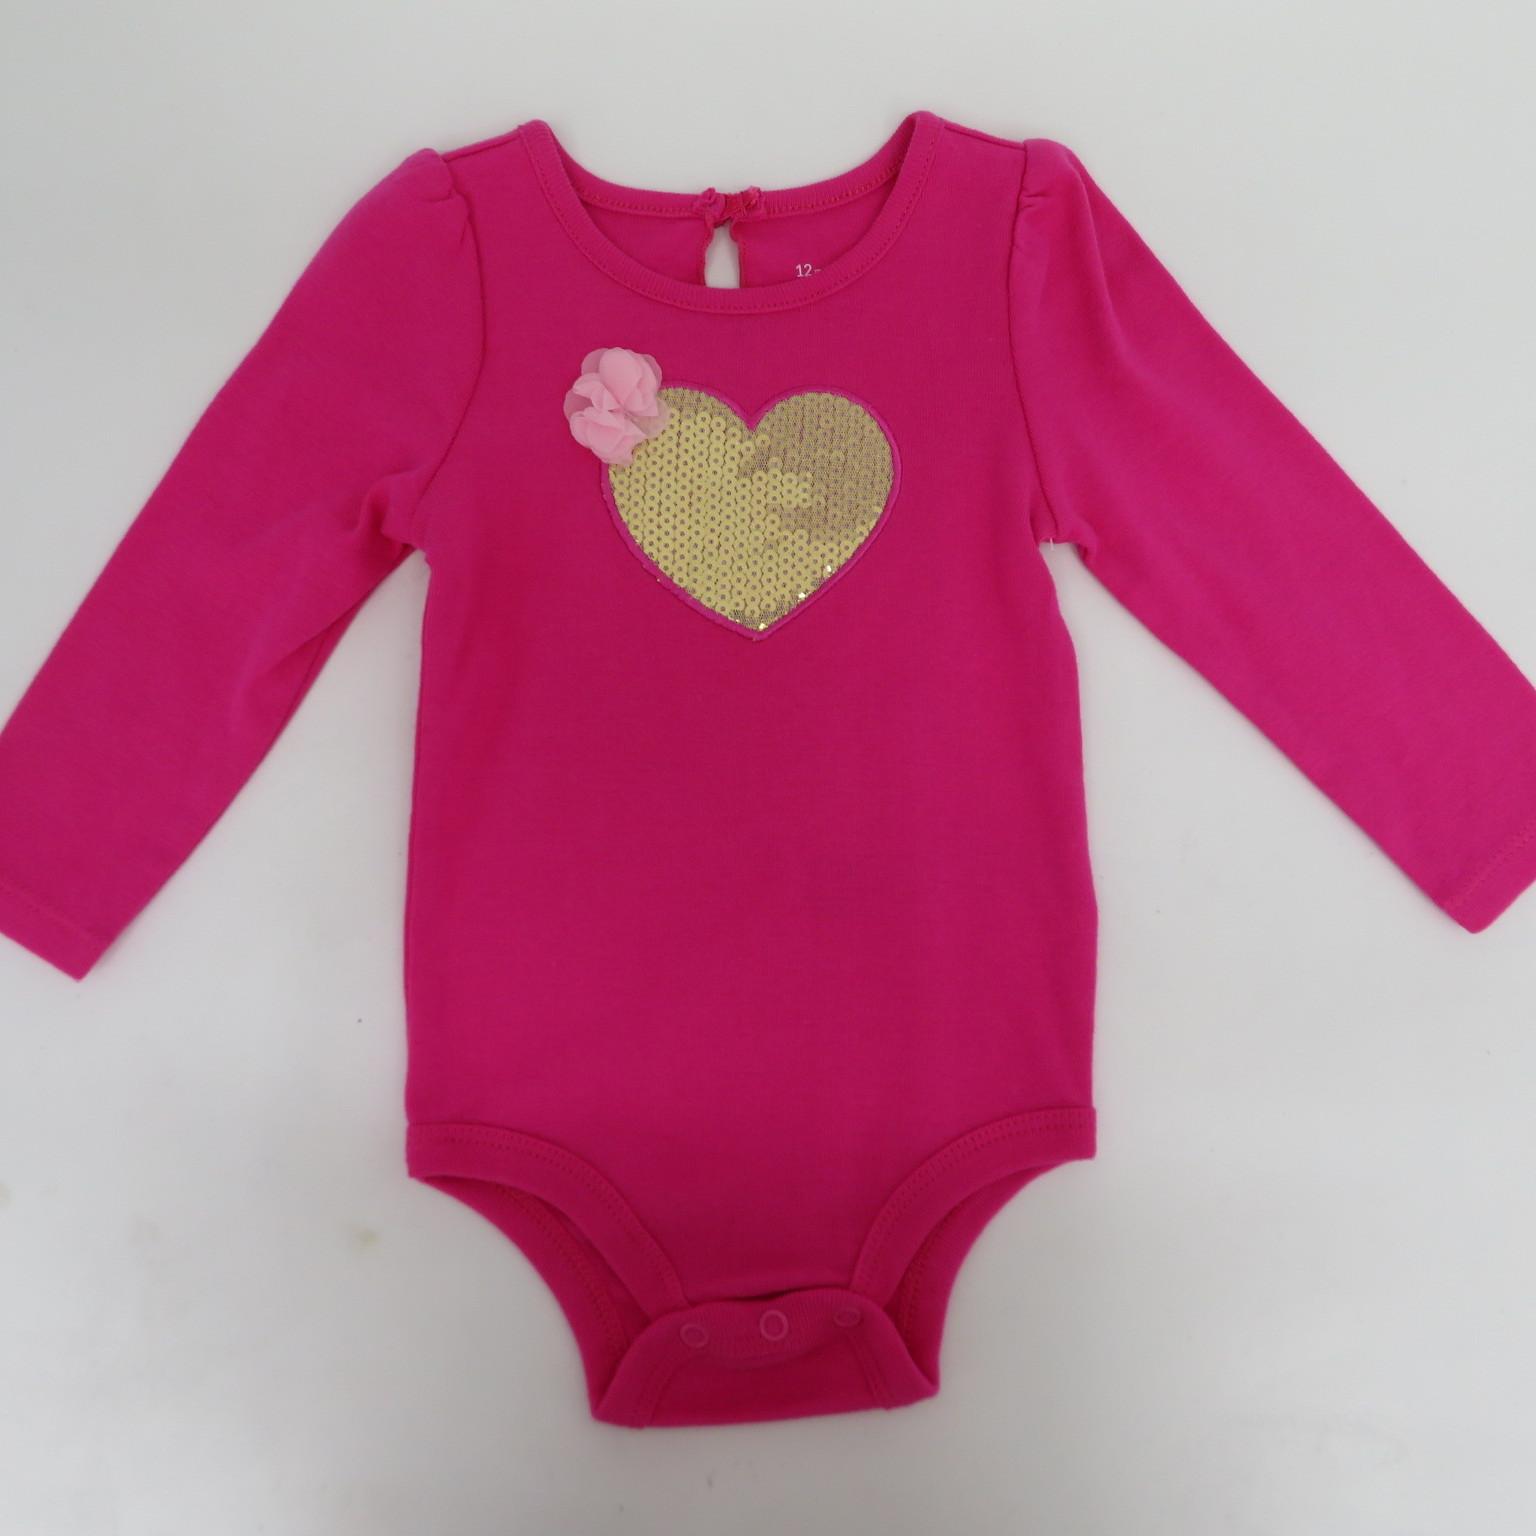 外贸原单3-6-9-12个月婴儿连体衣秋冬季新生儿纯棉保暖哈衣爬服